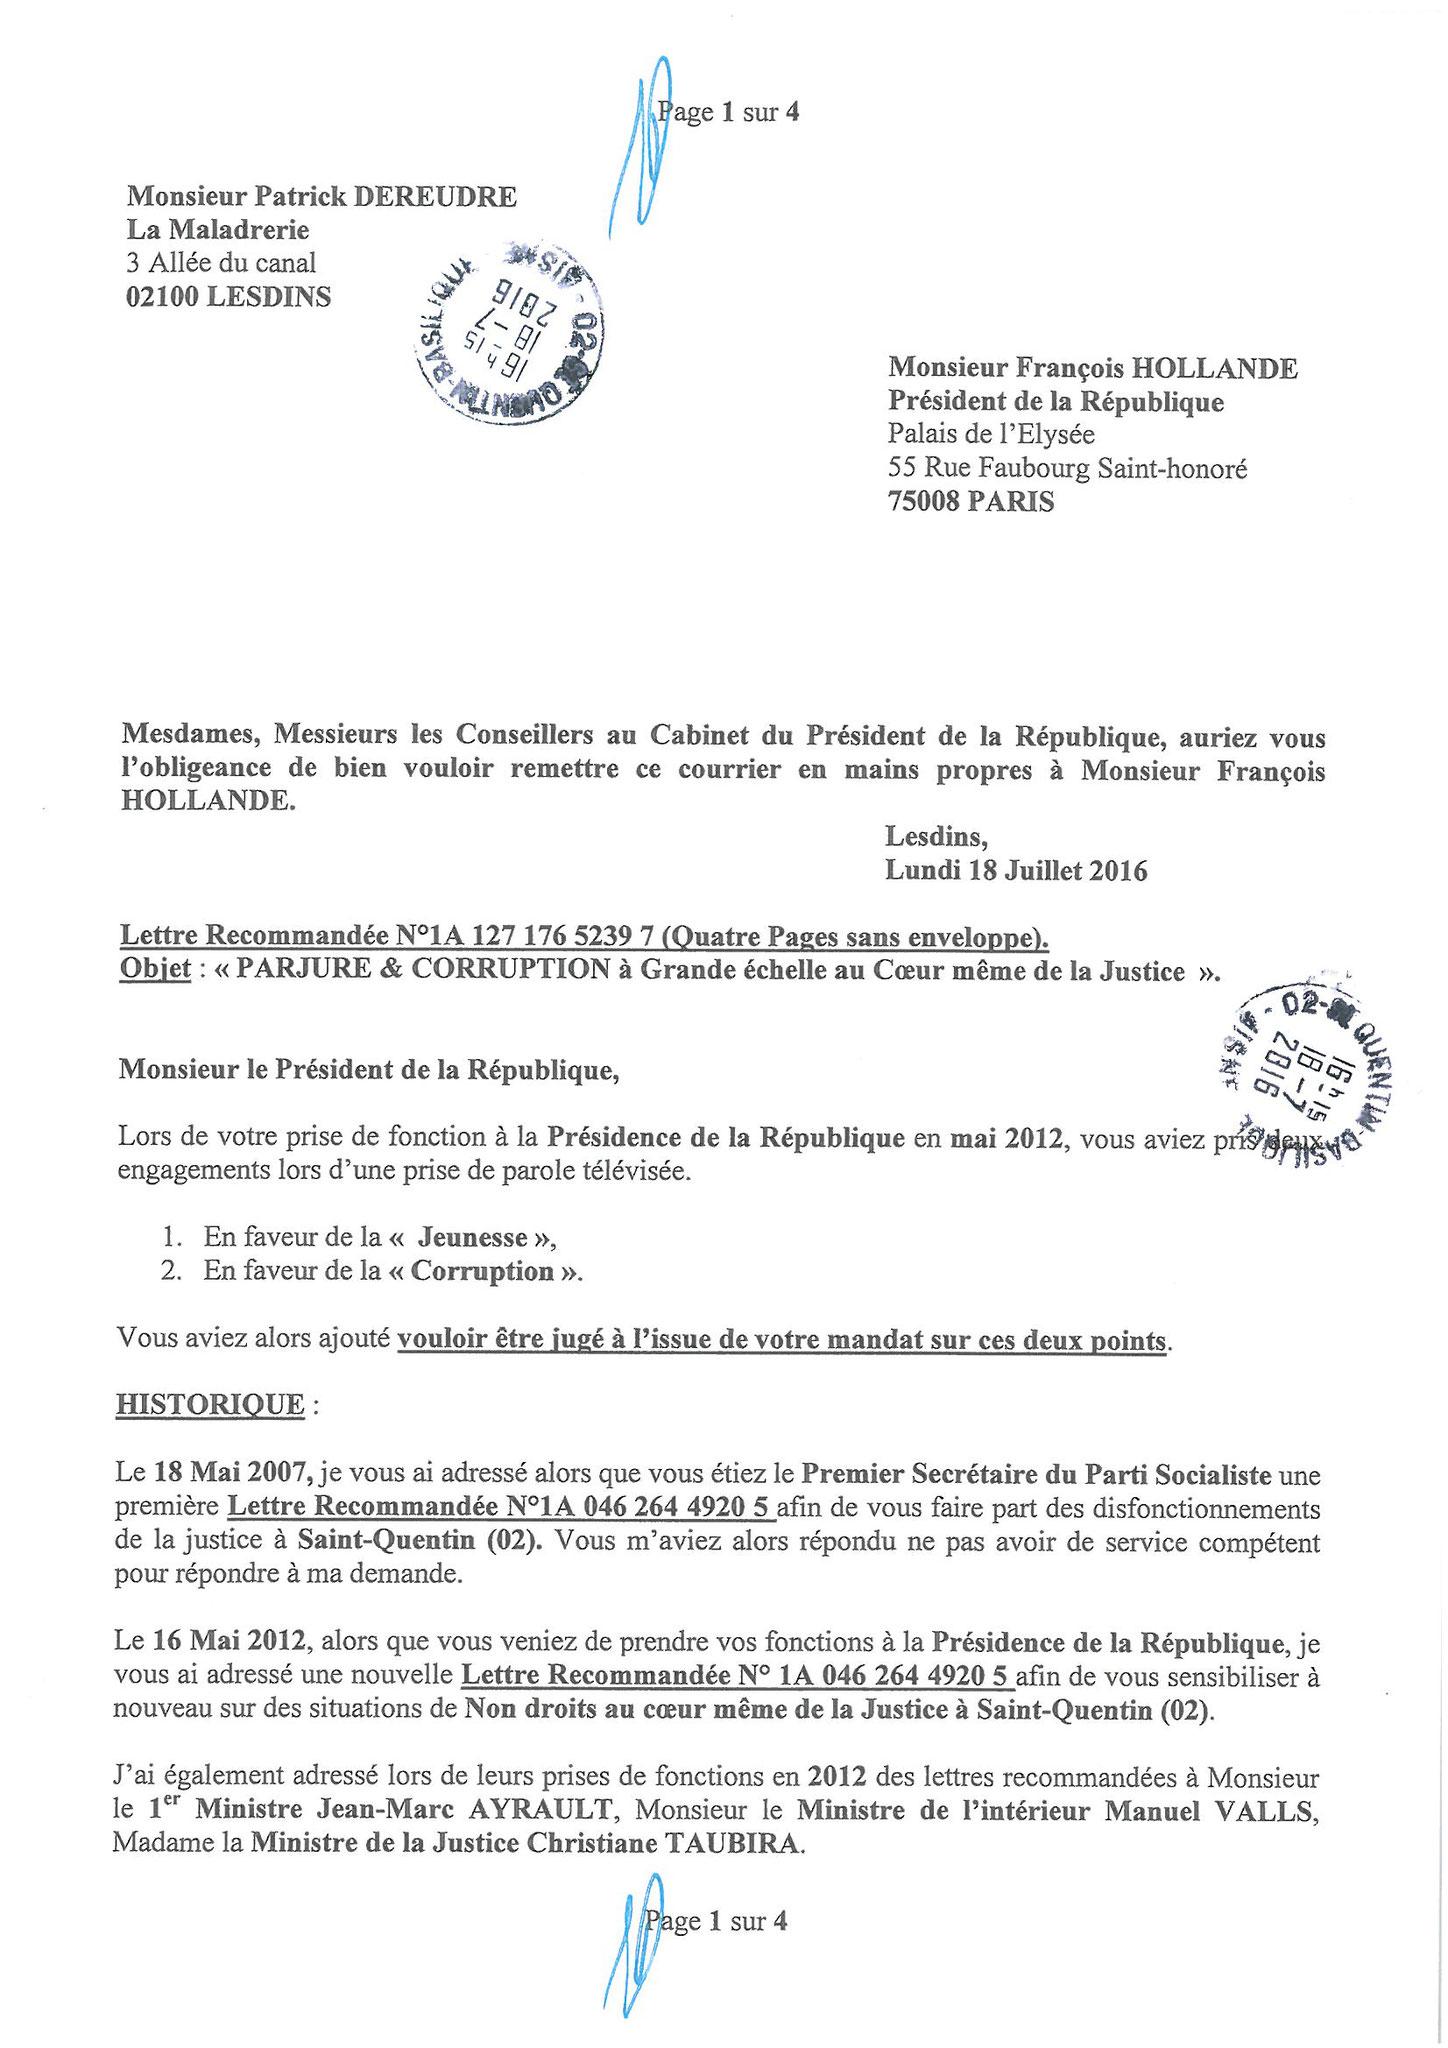 Ma Lettre recommandée du 18 Juillet  2016 adressée à Monsieur le Président de la République Monsieur François HOLLANDE www.jesuisvictime.fr www.jesuispatrick.fr www.jenesuispasunchien.fr